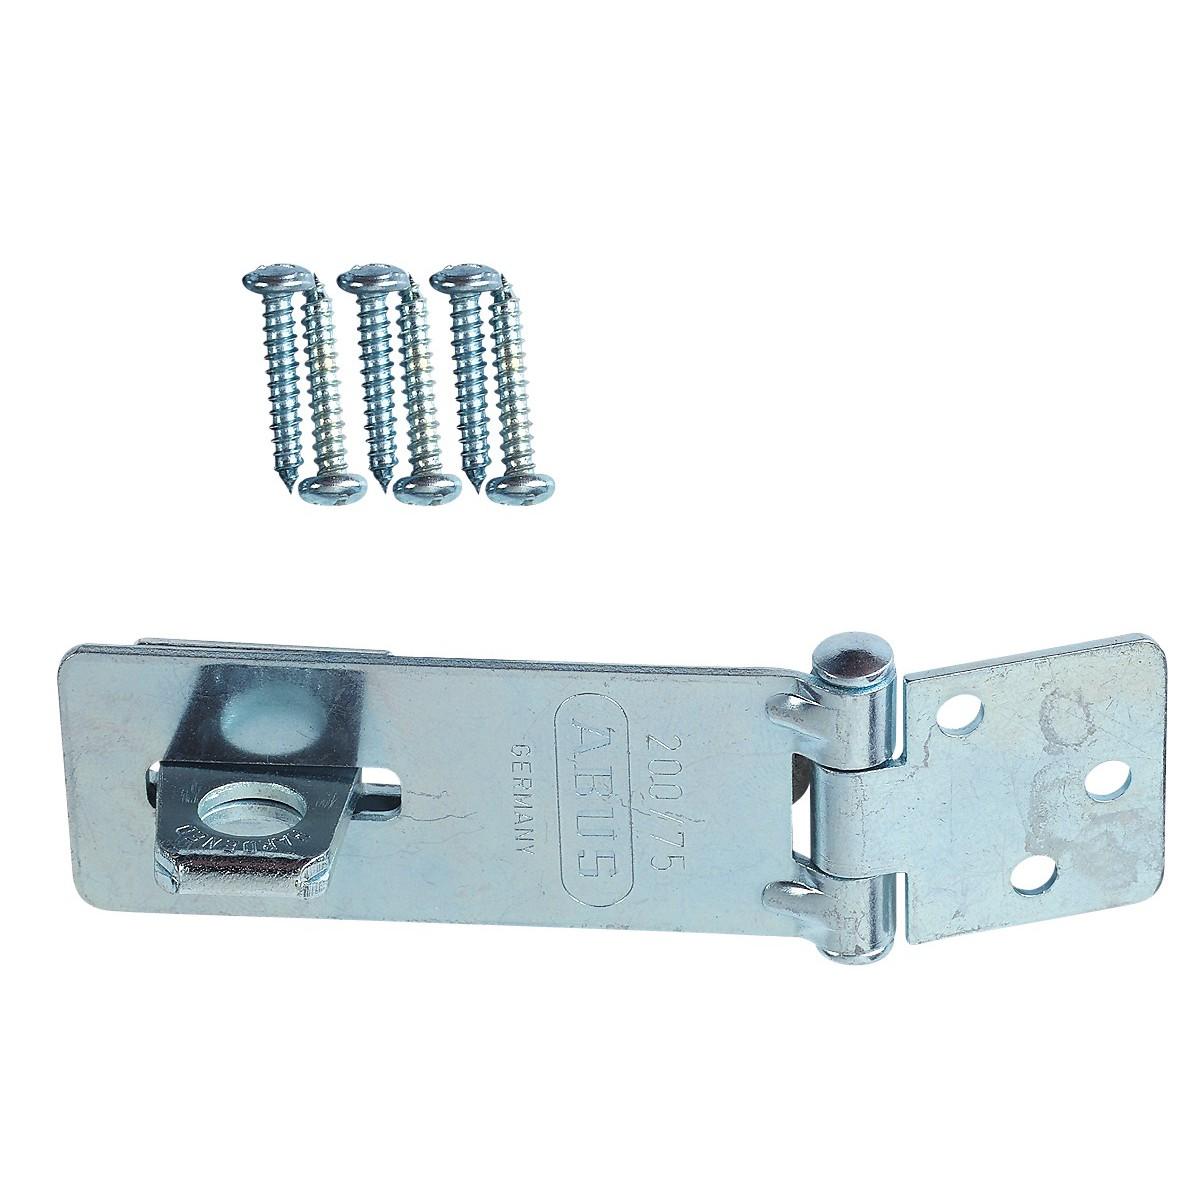 Porte cadenas simple abus anse 9 mm longueur 76 mm de porte cadenas - Comment changer le code d un cadenas ...